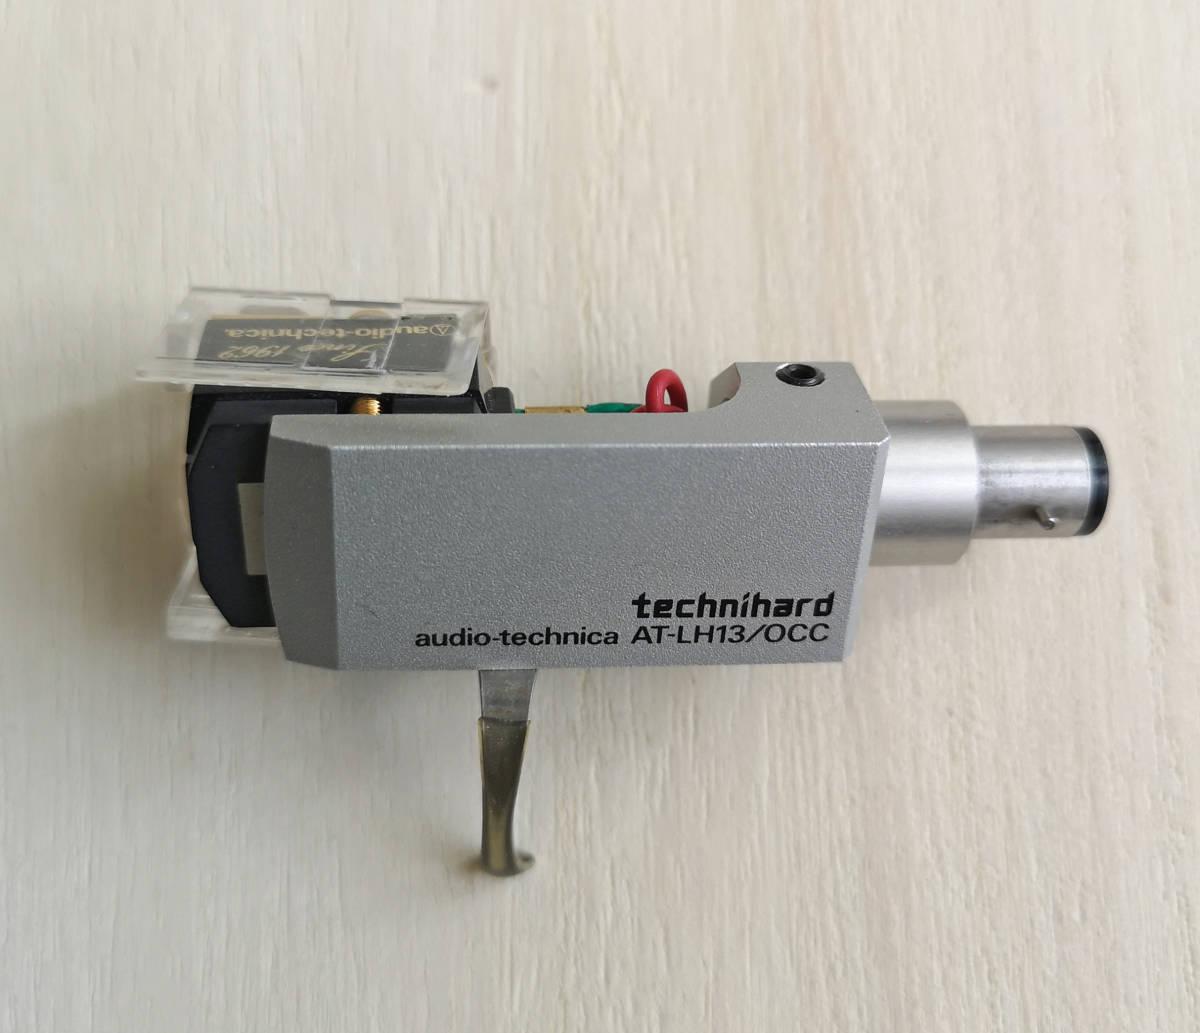 ☆audio-technica オーディオテクニカ AT33PTG ◆ヘッドシェル付 technihard audio-technica AT-LH13/OCC_画像3